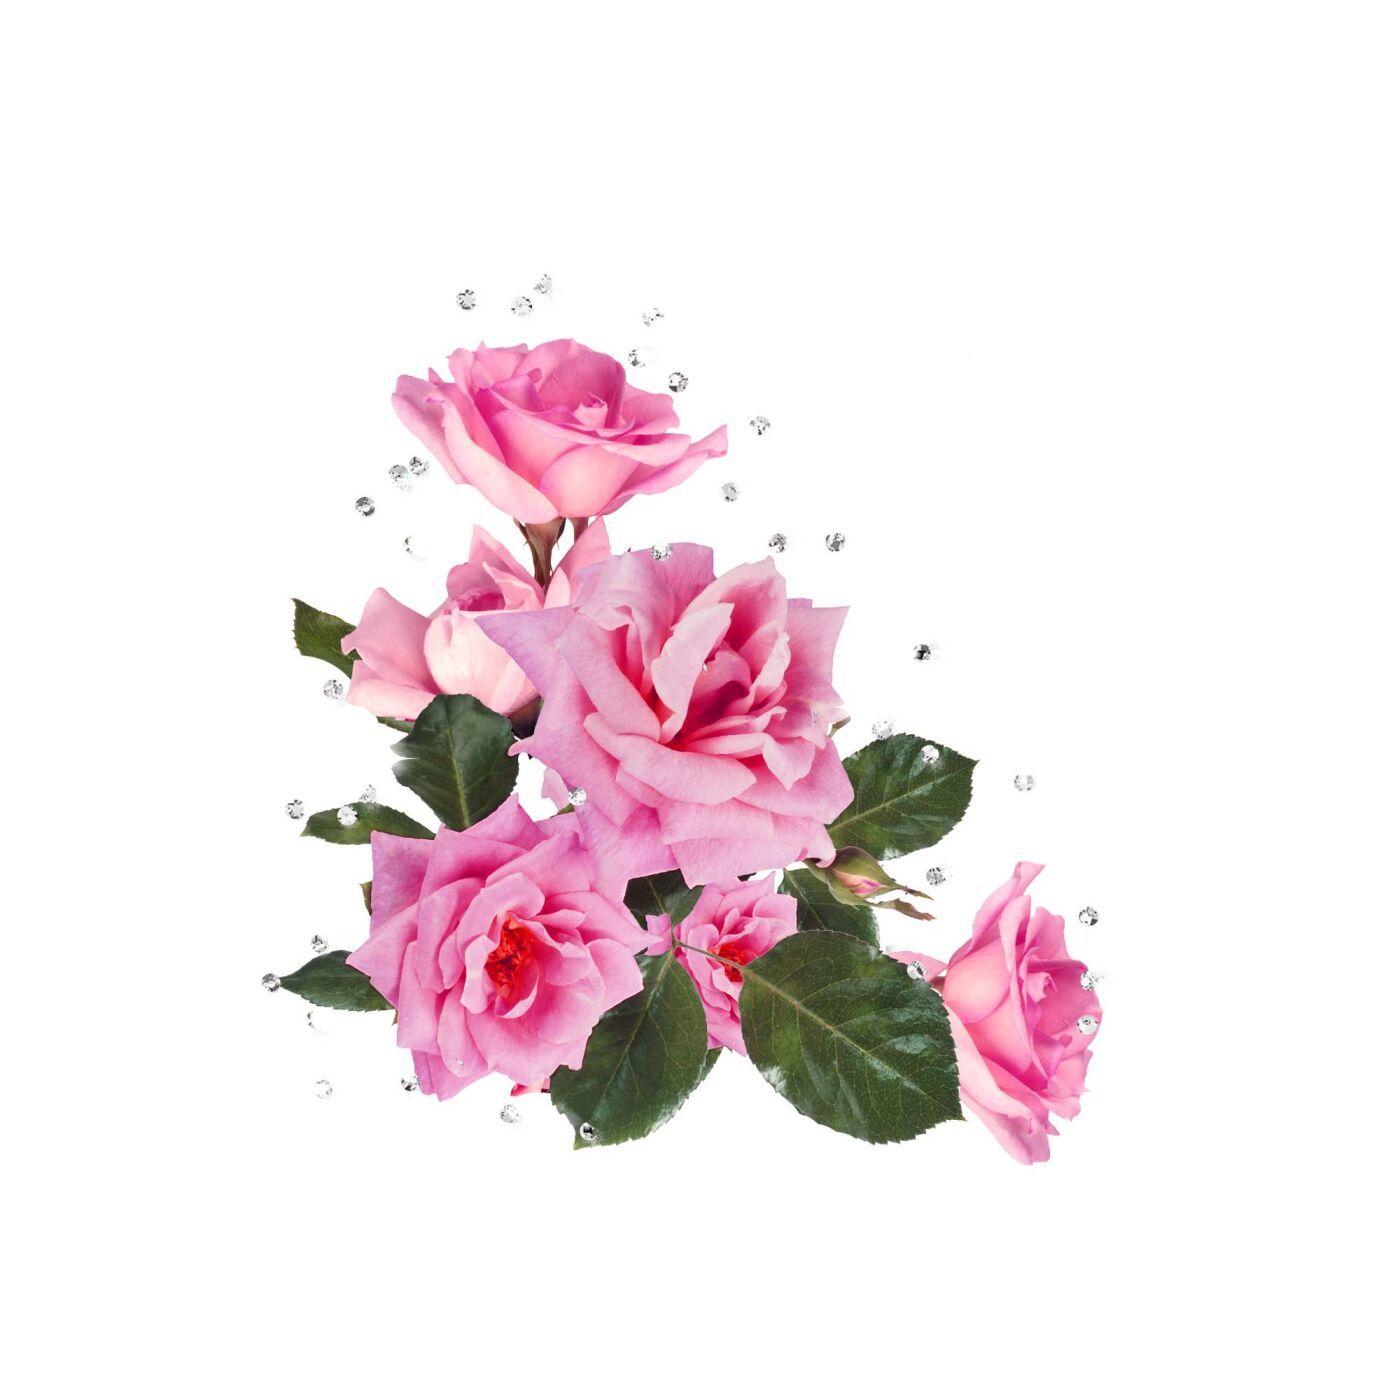 клипарты розы на прозрачном фоне: 19 тыс изображений ...